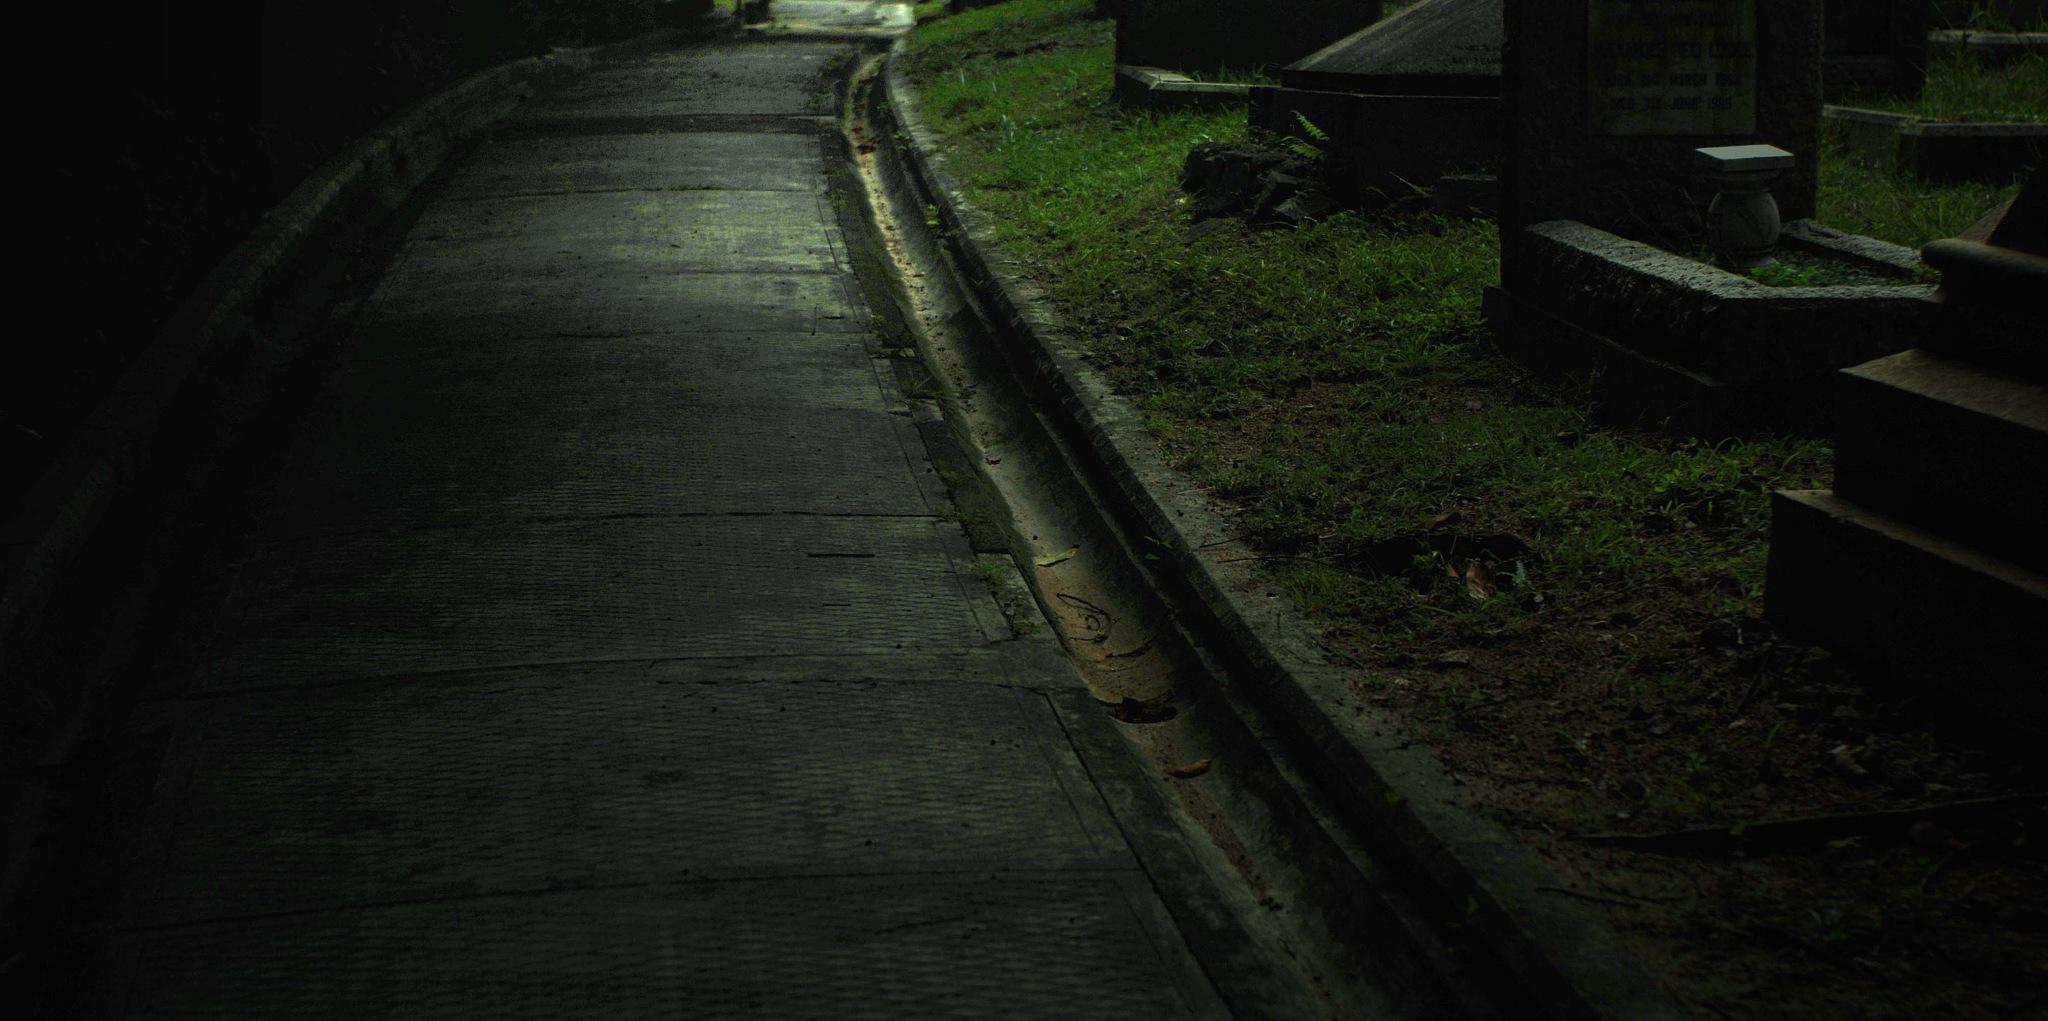 ...at the Hong Kong Cemetery... by cyccanhk